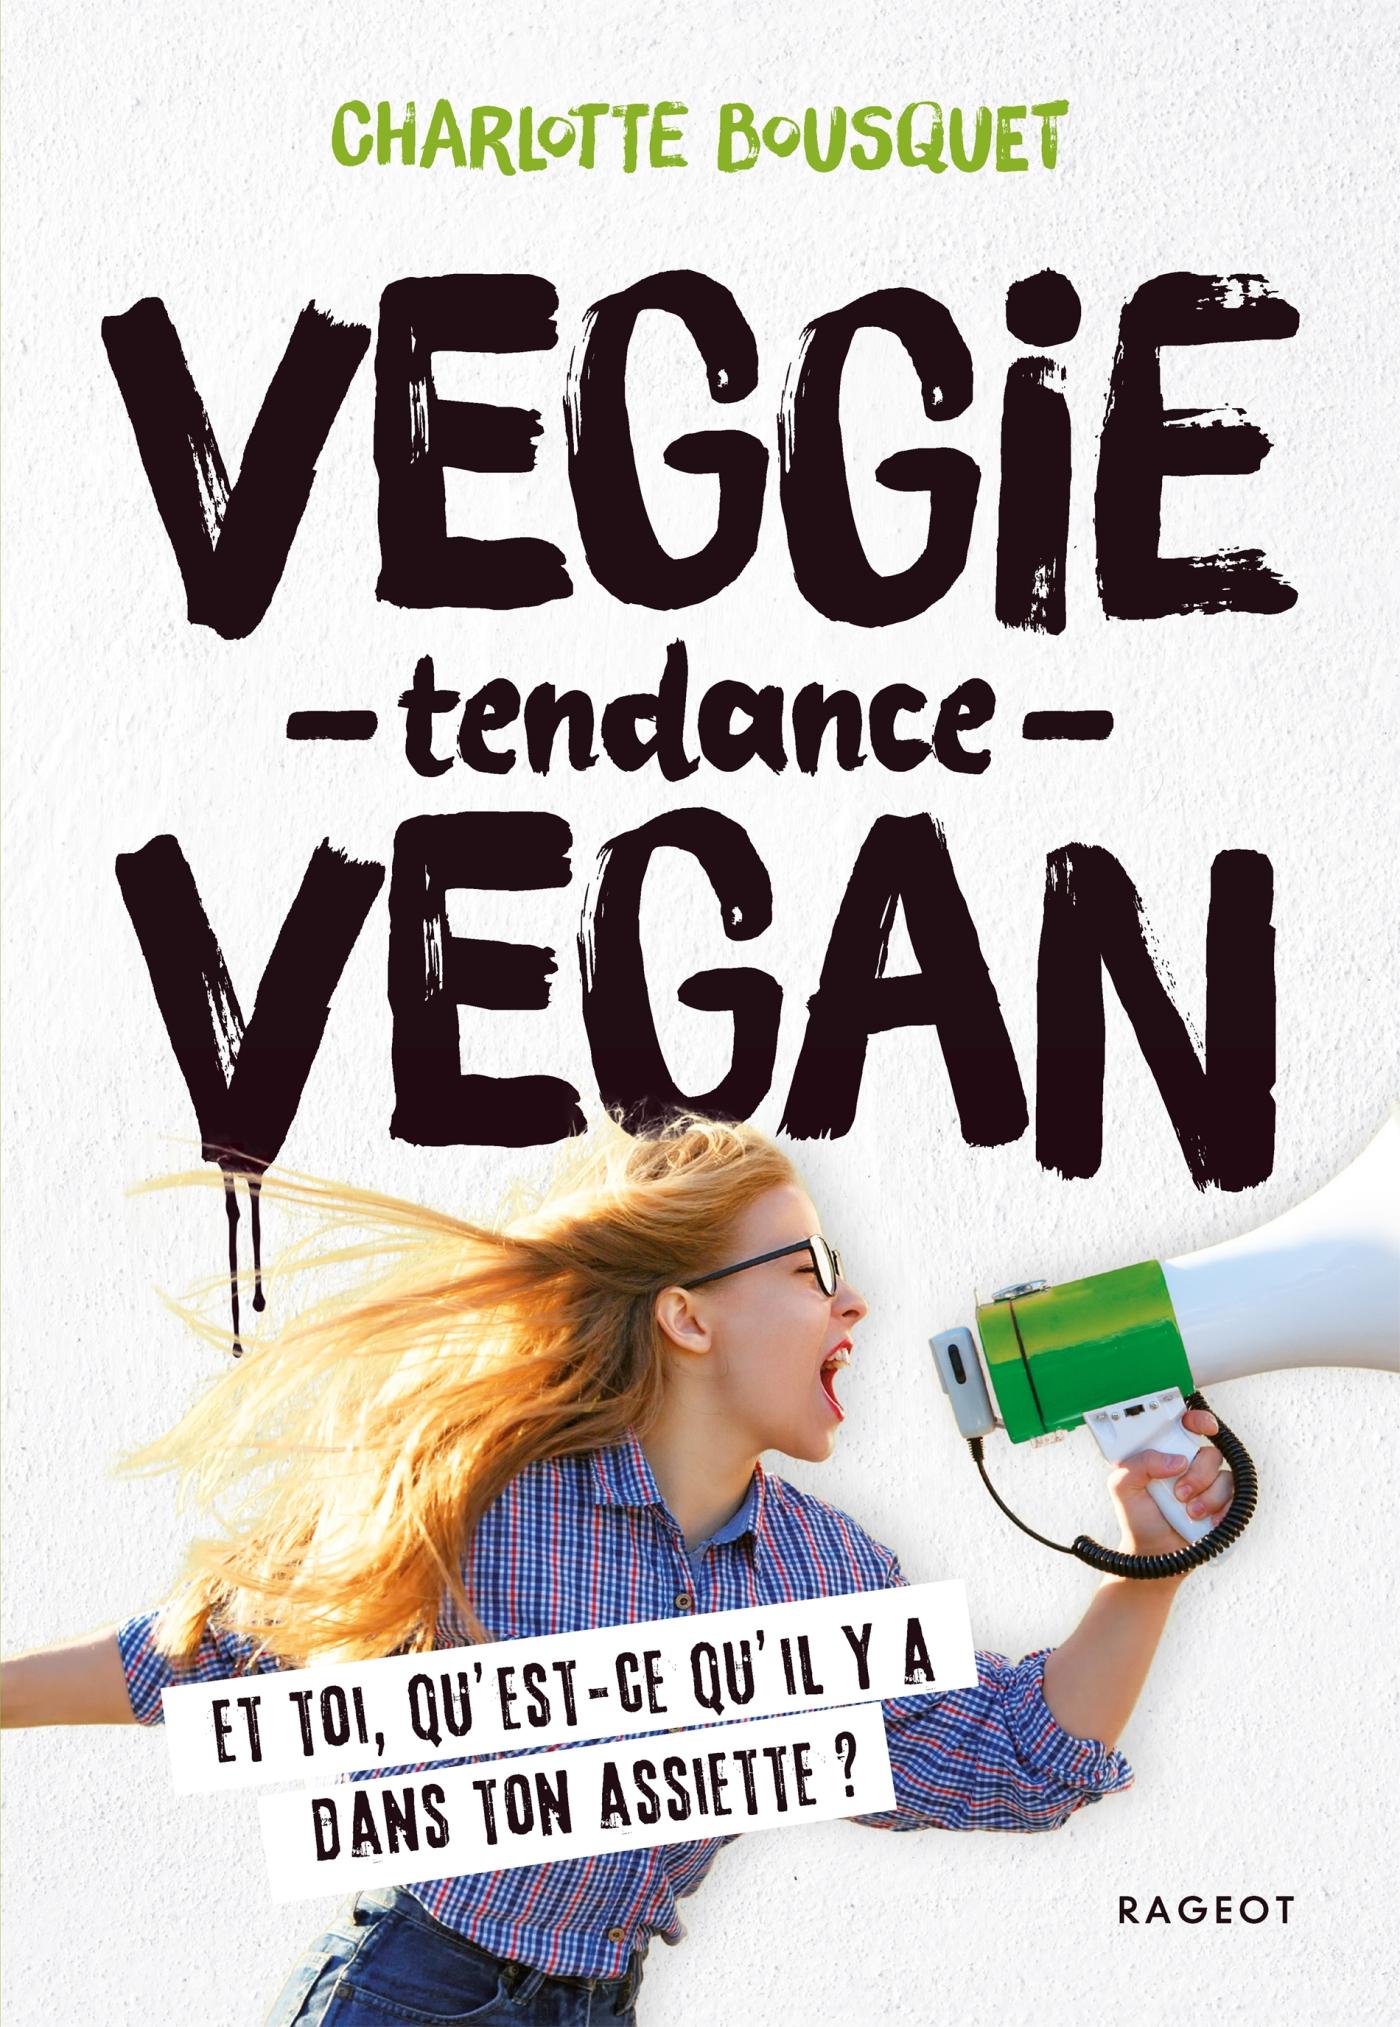 Veggie tendance vegan | BOUSQUET, Charlotte. Auteur